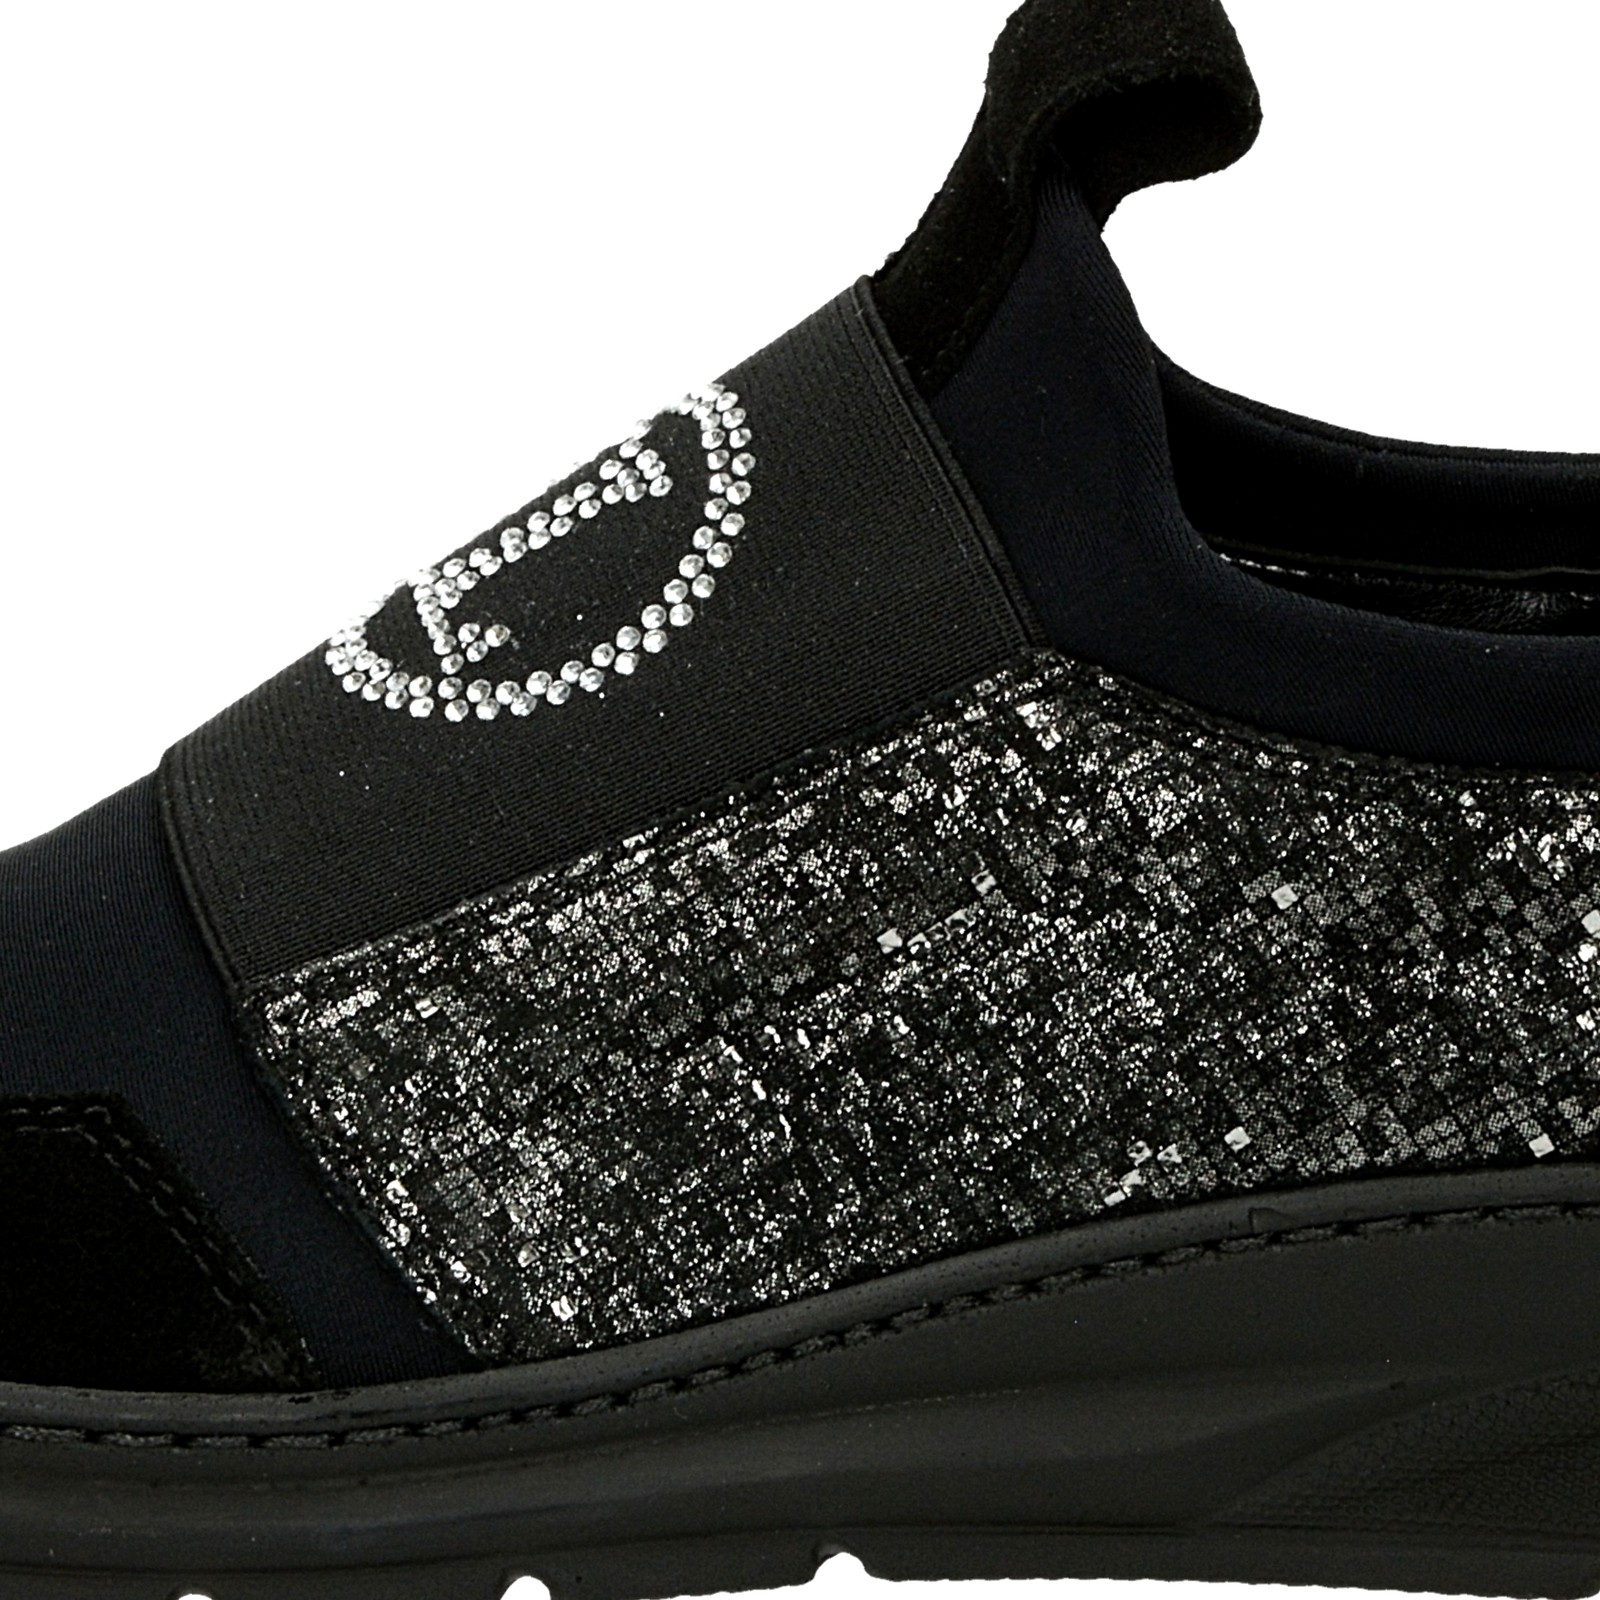 997e8af3d3c6 ... Olivia shoes dámske tenisky s ozdobnými kamienkami - čierne ...